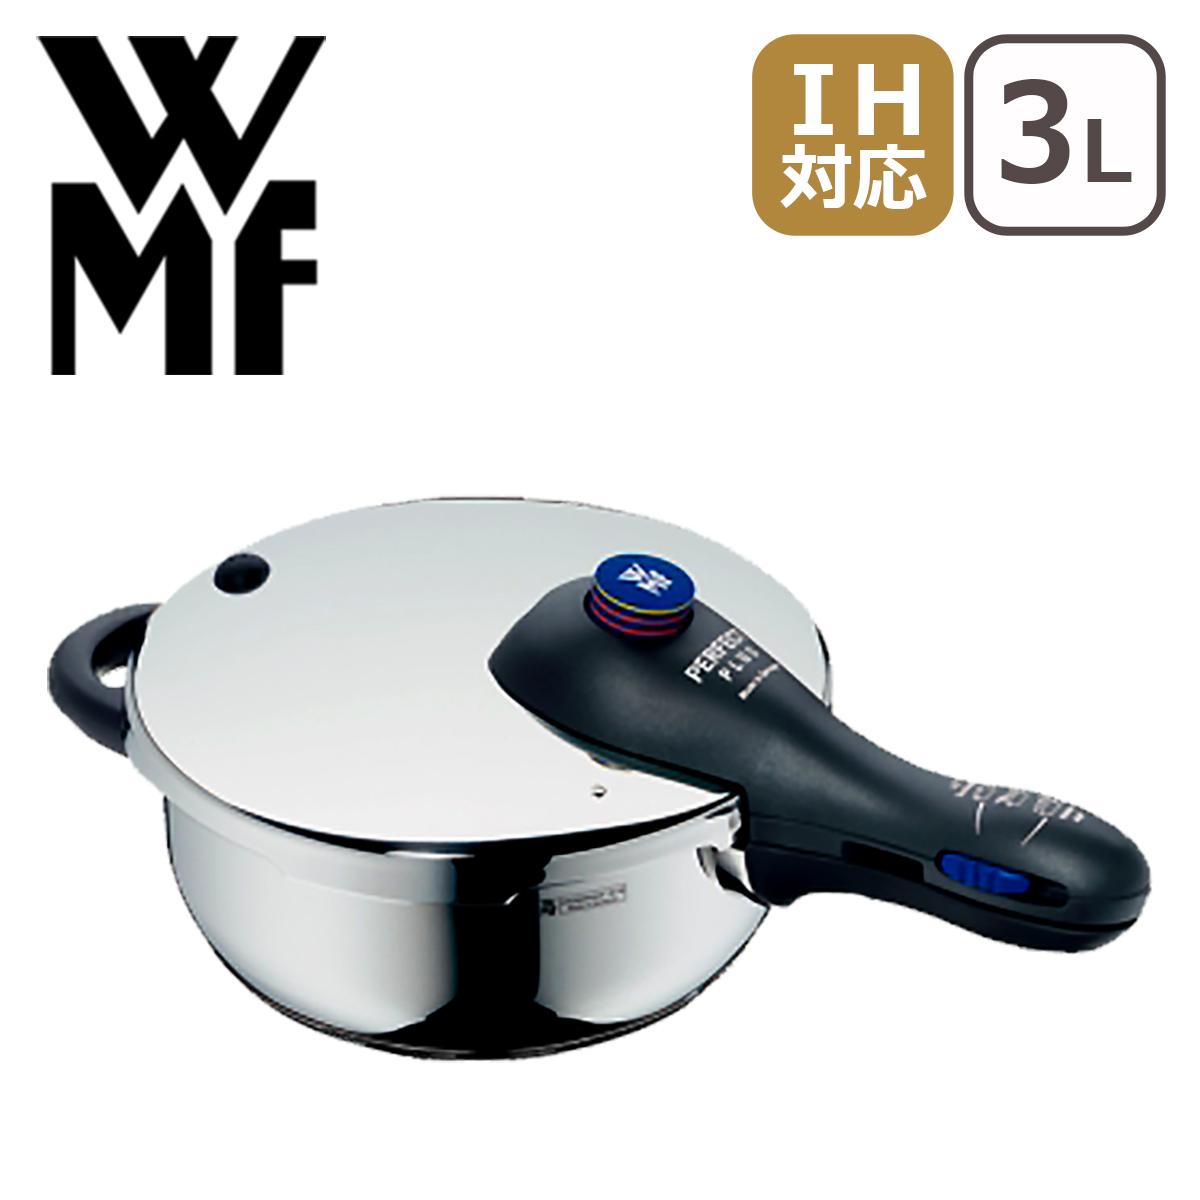 【Max1,000円OFFクーポン】WMF(ヴェーエムエフ) パーフェクトプラス圧力鍋 3.0L 018wf-2136 IH対応 ギフト・のし可 節電